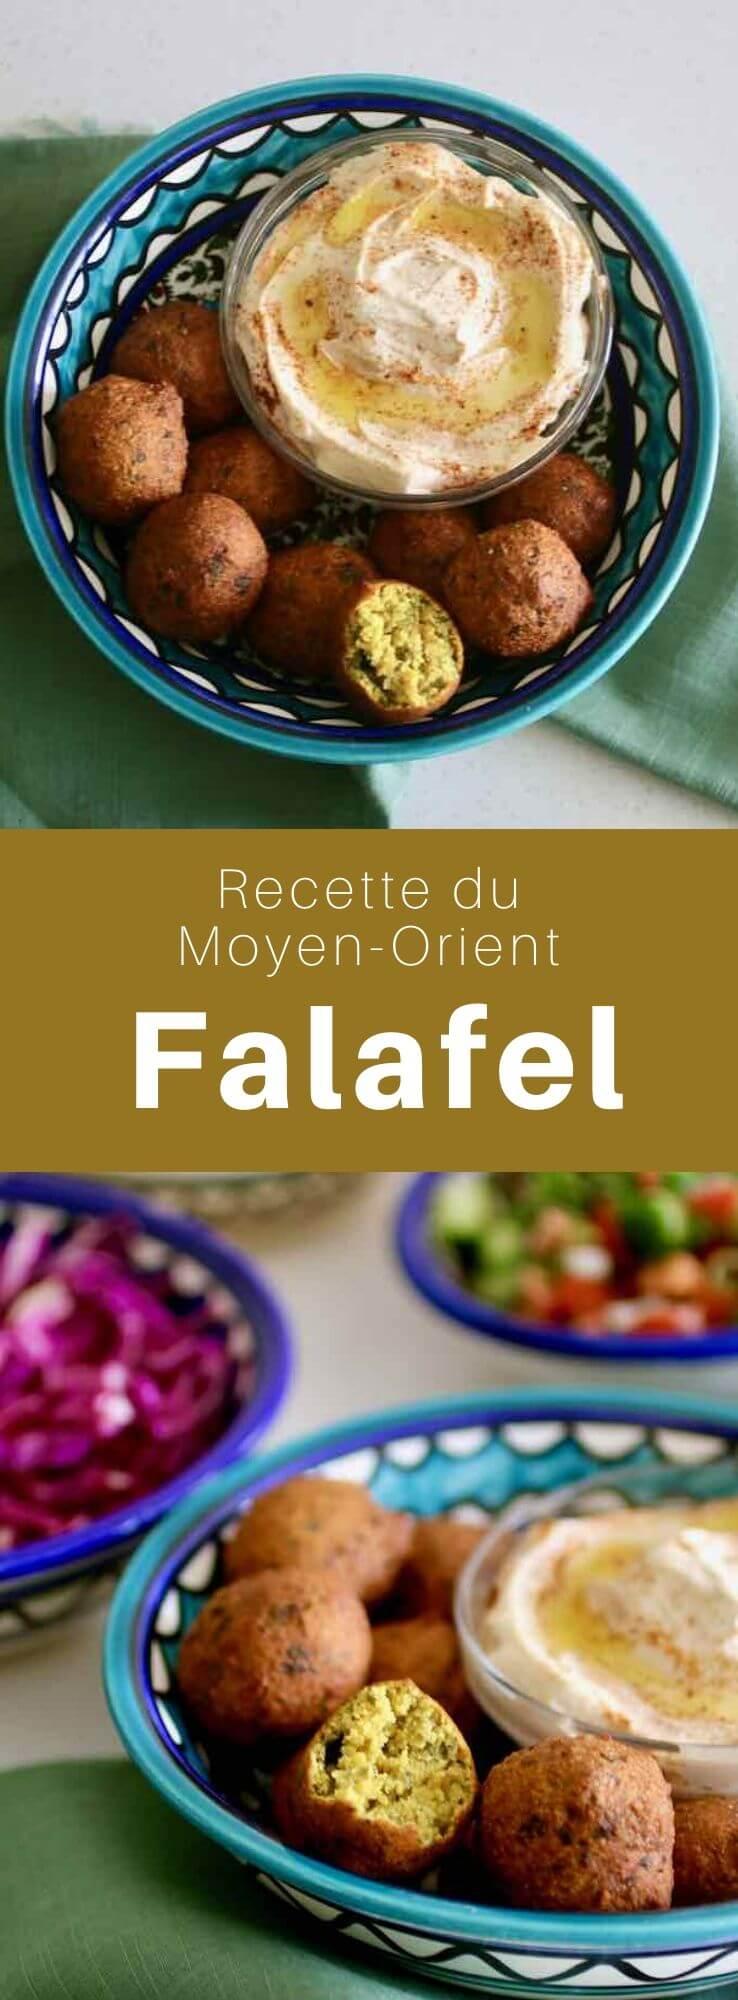 Les falafels sont une spécialité culinaire traditionnelle très répandue dans le Moyen Orient. #MoyenOrient #CuisineDuMonde #196flavors